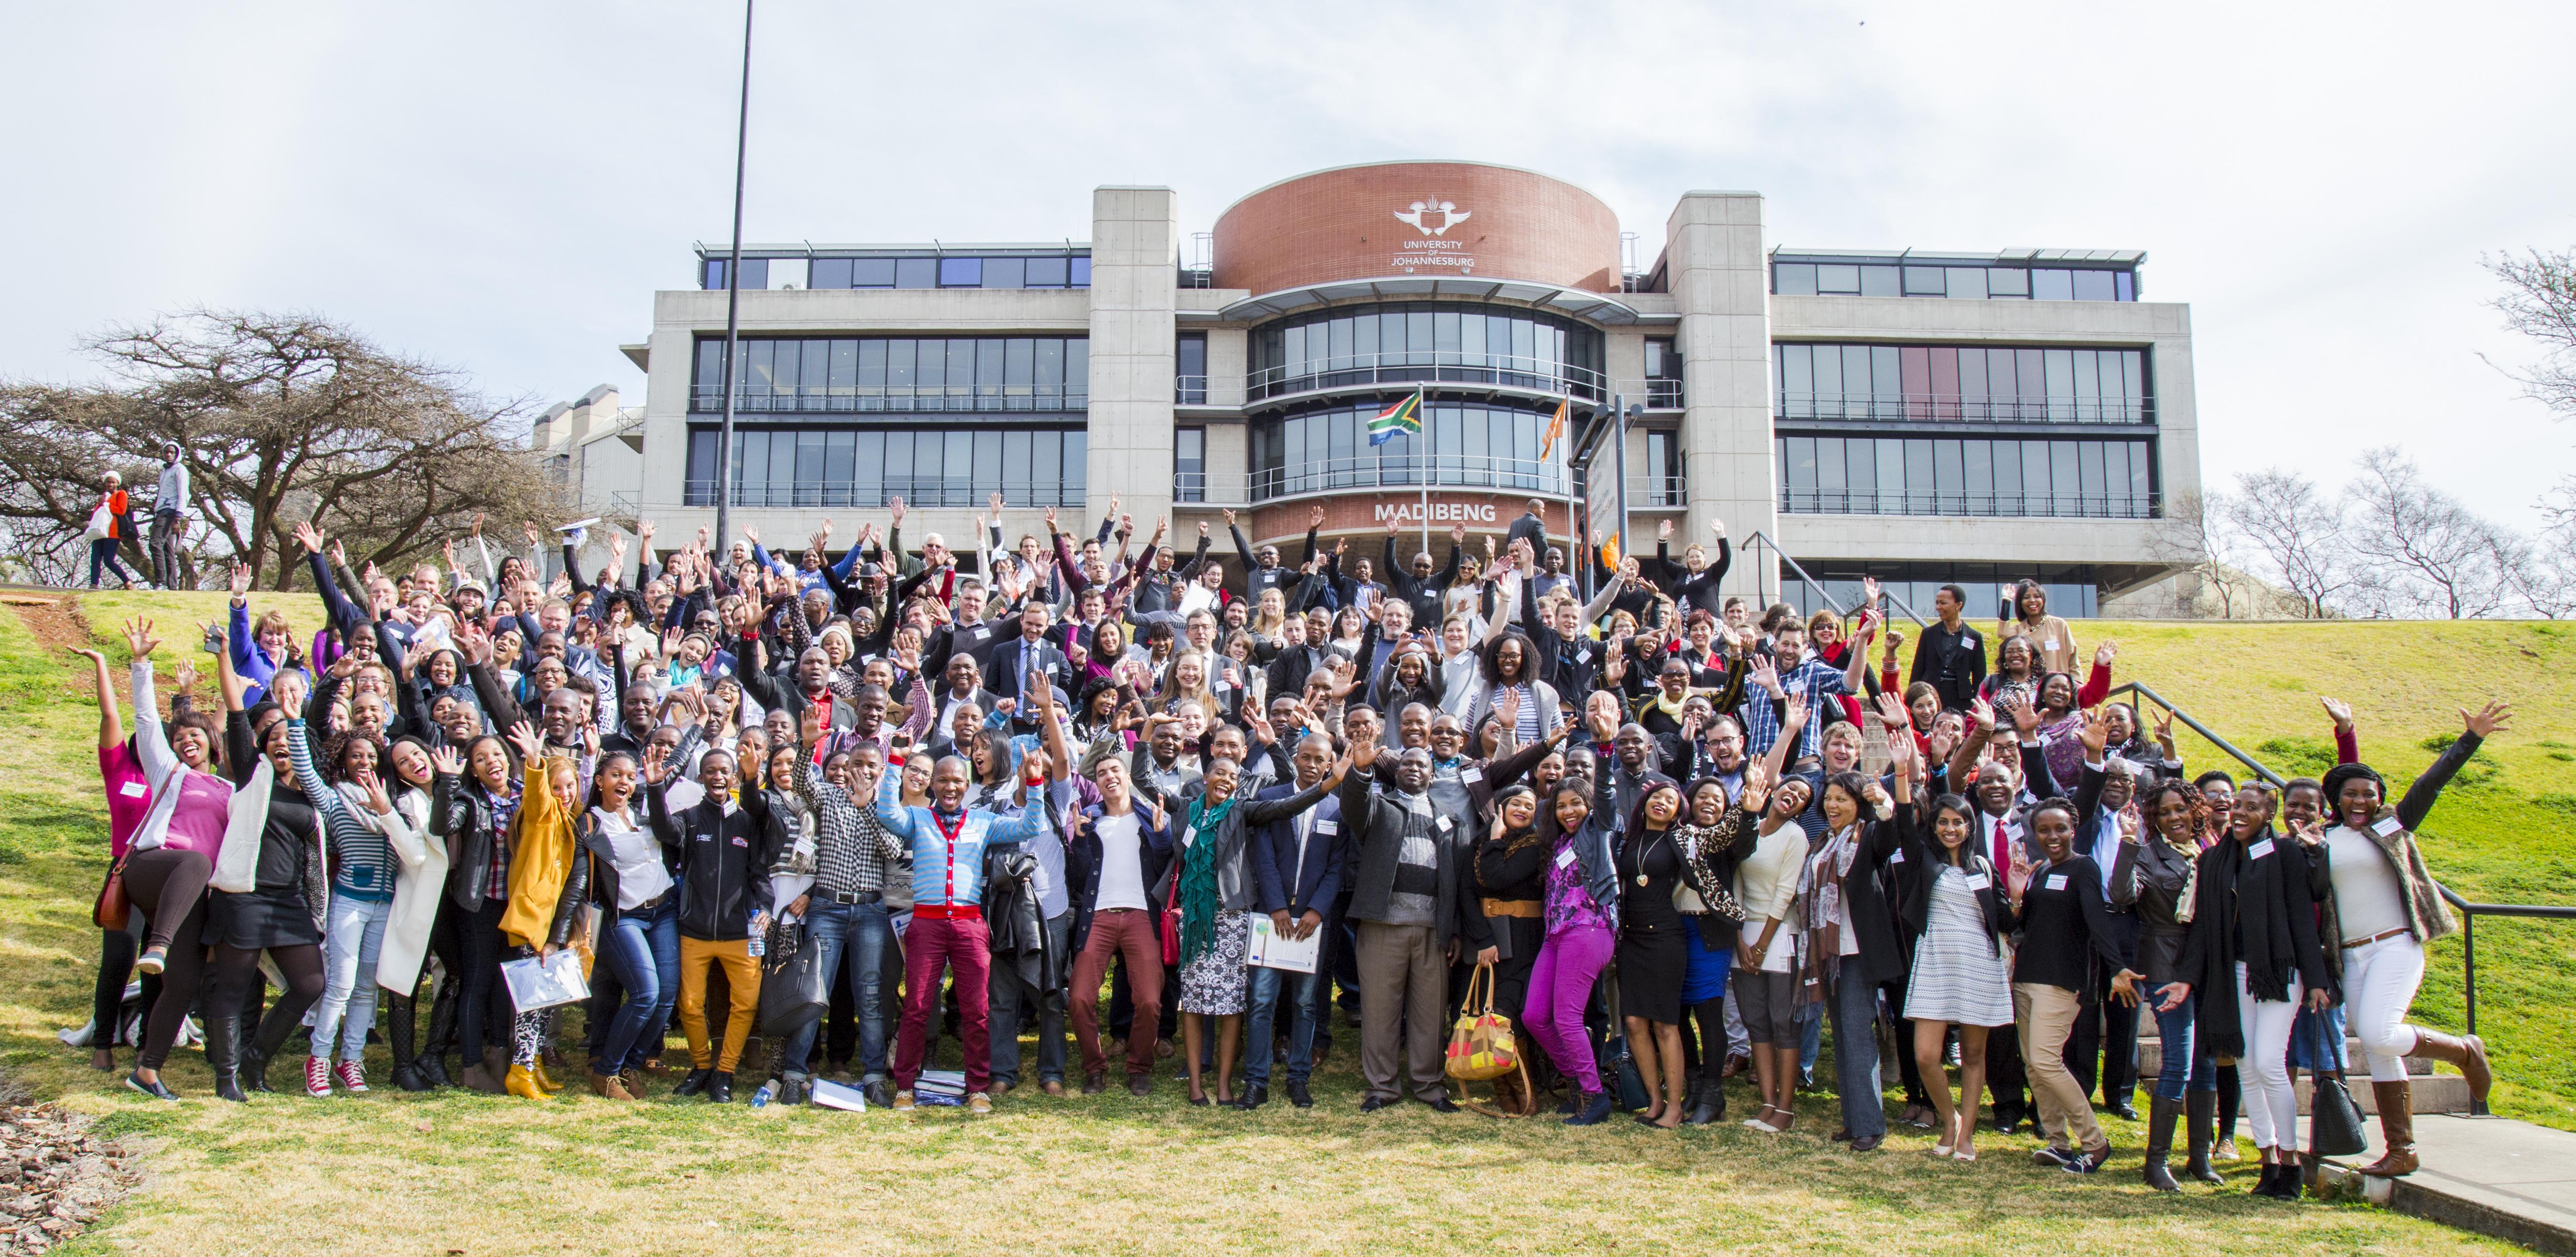 University Of Johannesburg Wwwrobotsciencecoza İs Working